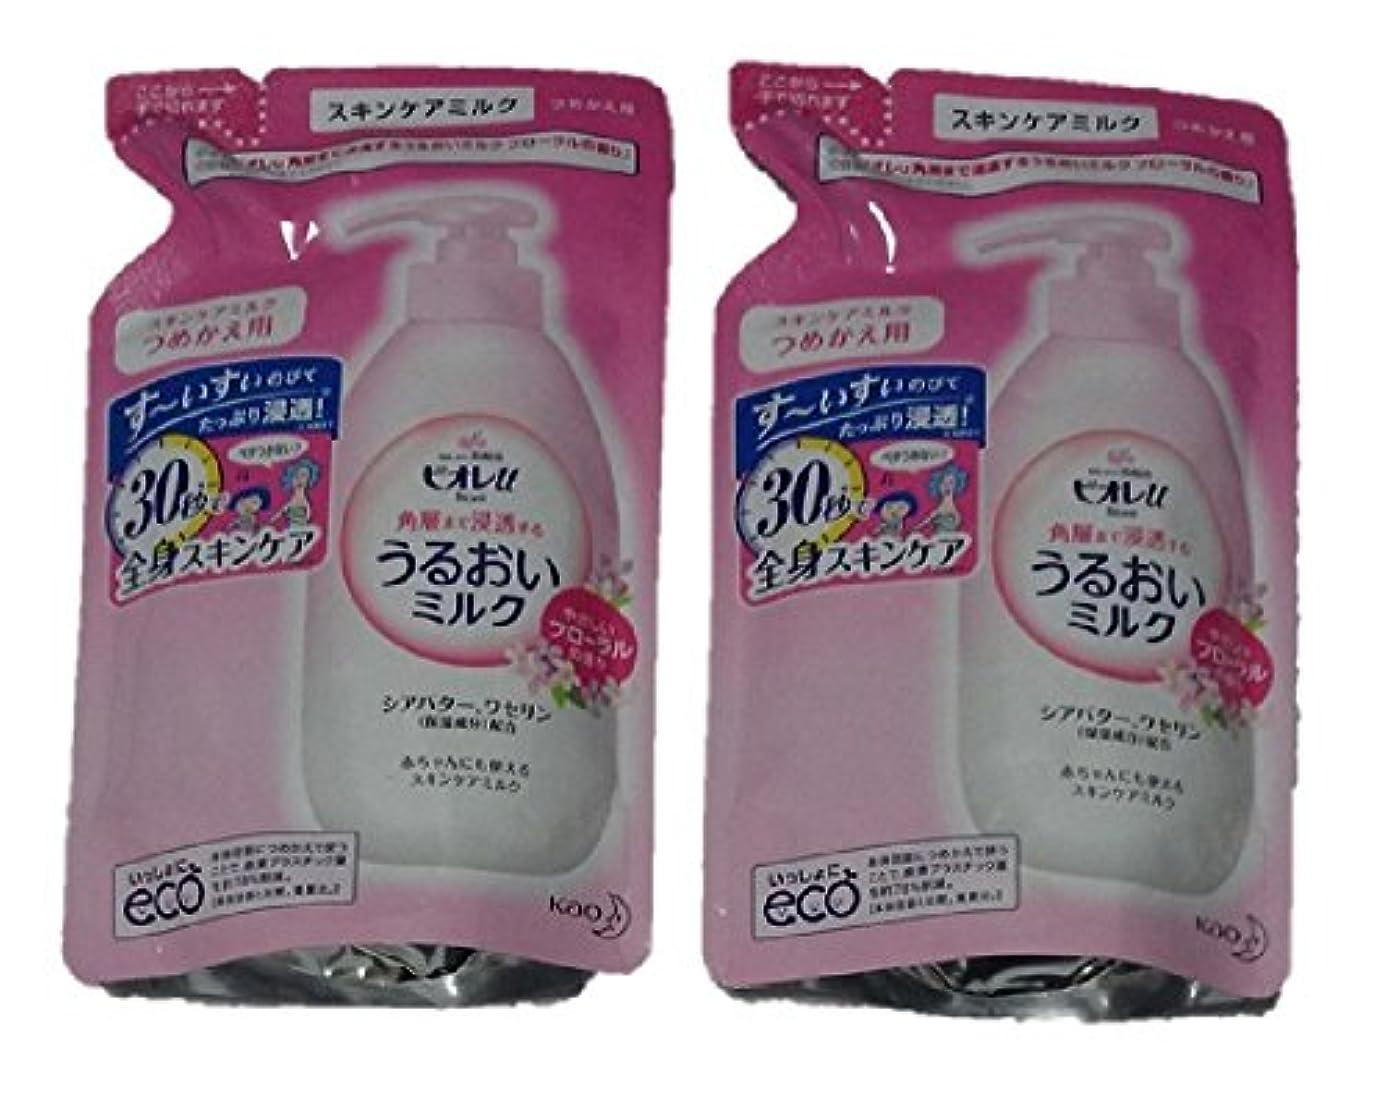 リビジョン勝者扱う【2袋セット】 ビオレU うるおいミルク フローラルの香り つめかえ用